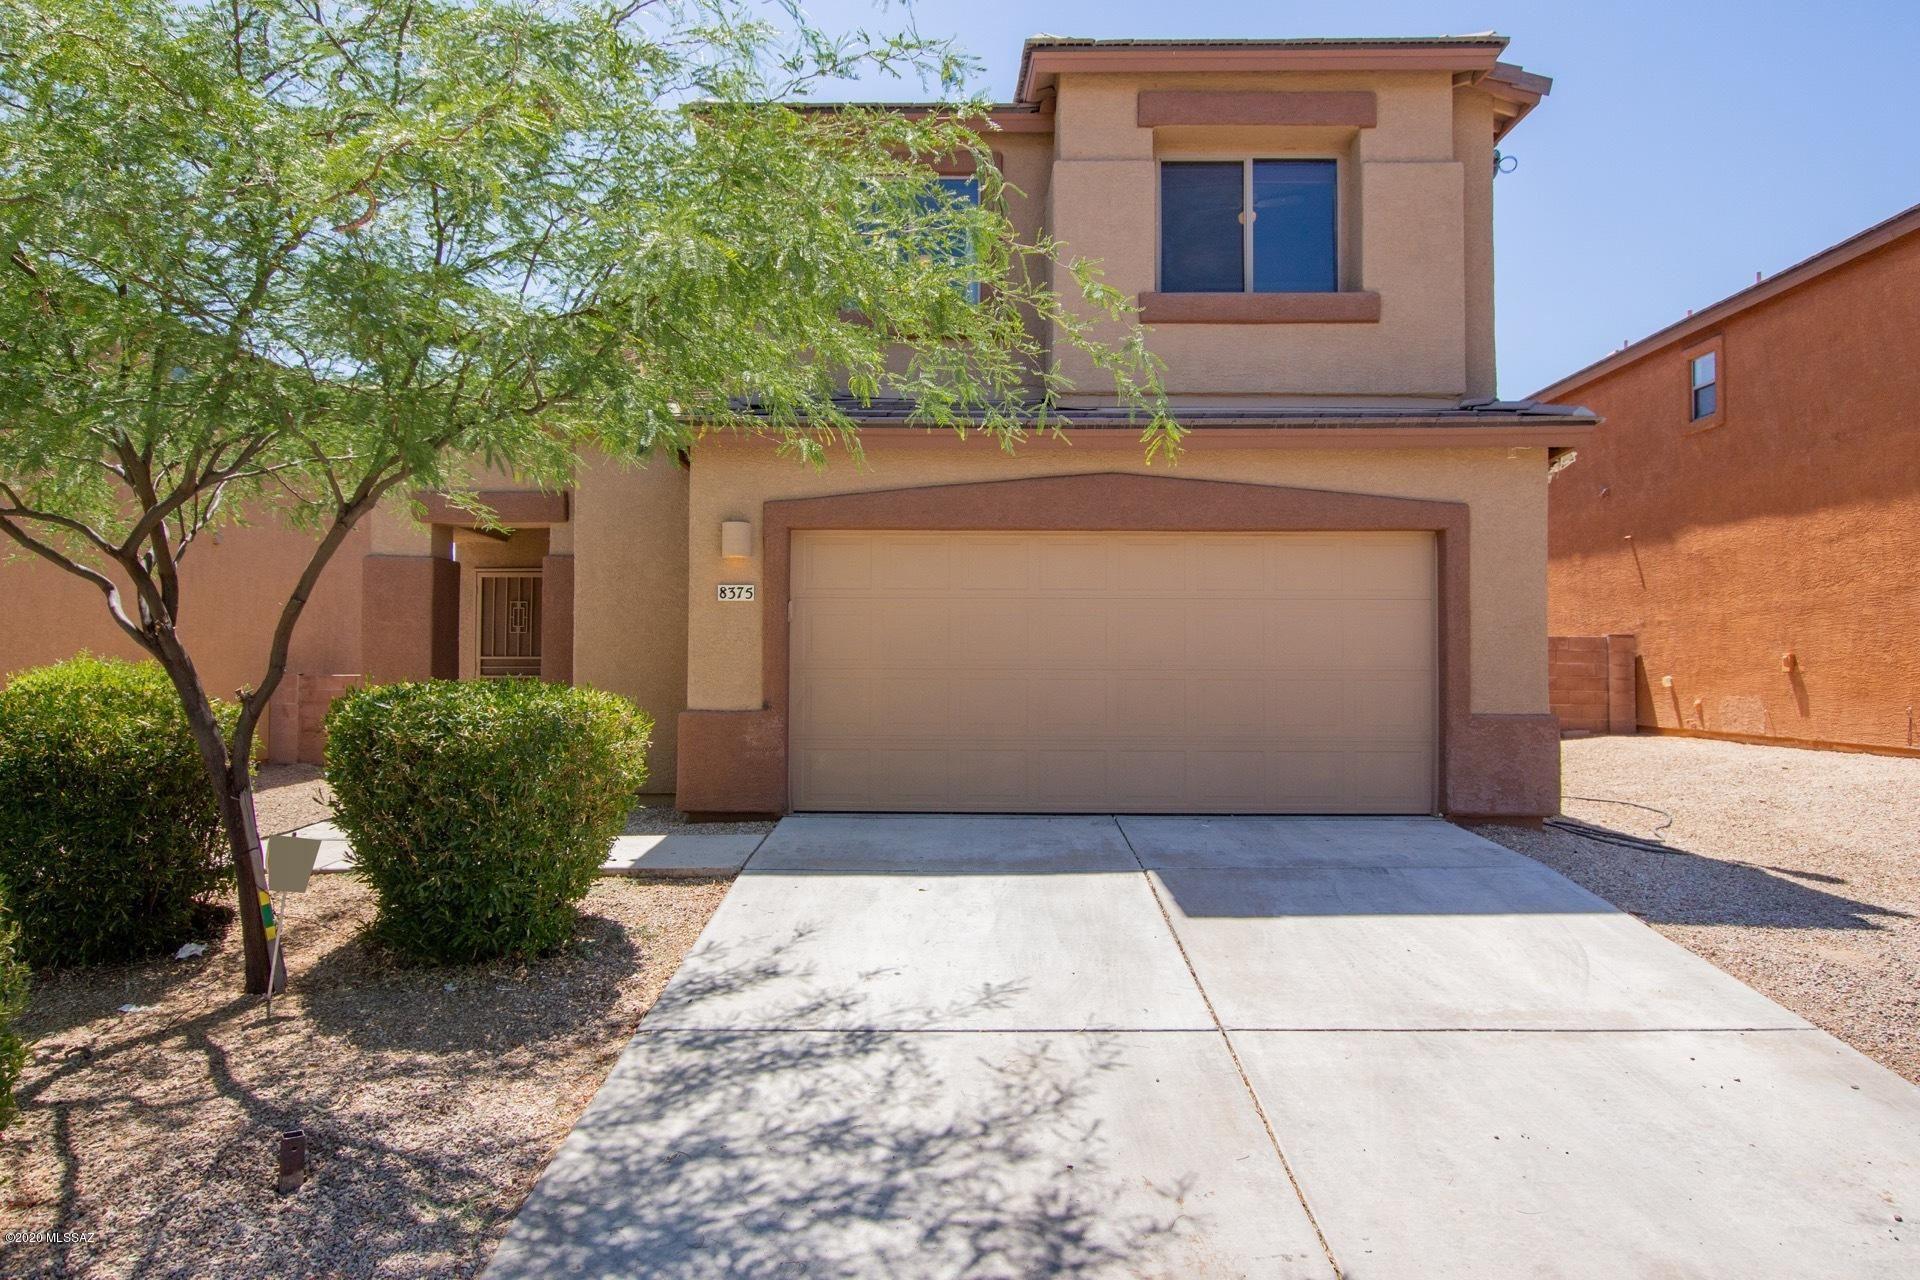 8375 N Johnson Drive, Tucson, AZ 85741 - #: 22015402